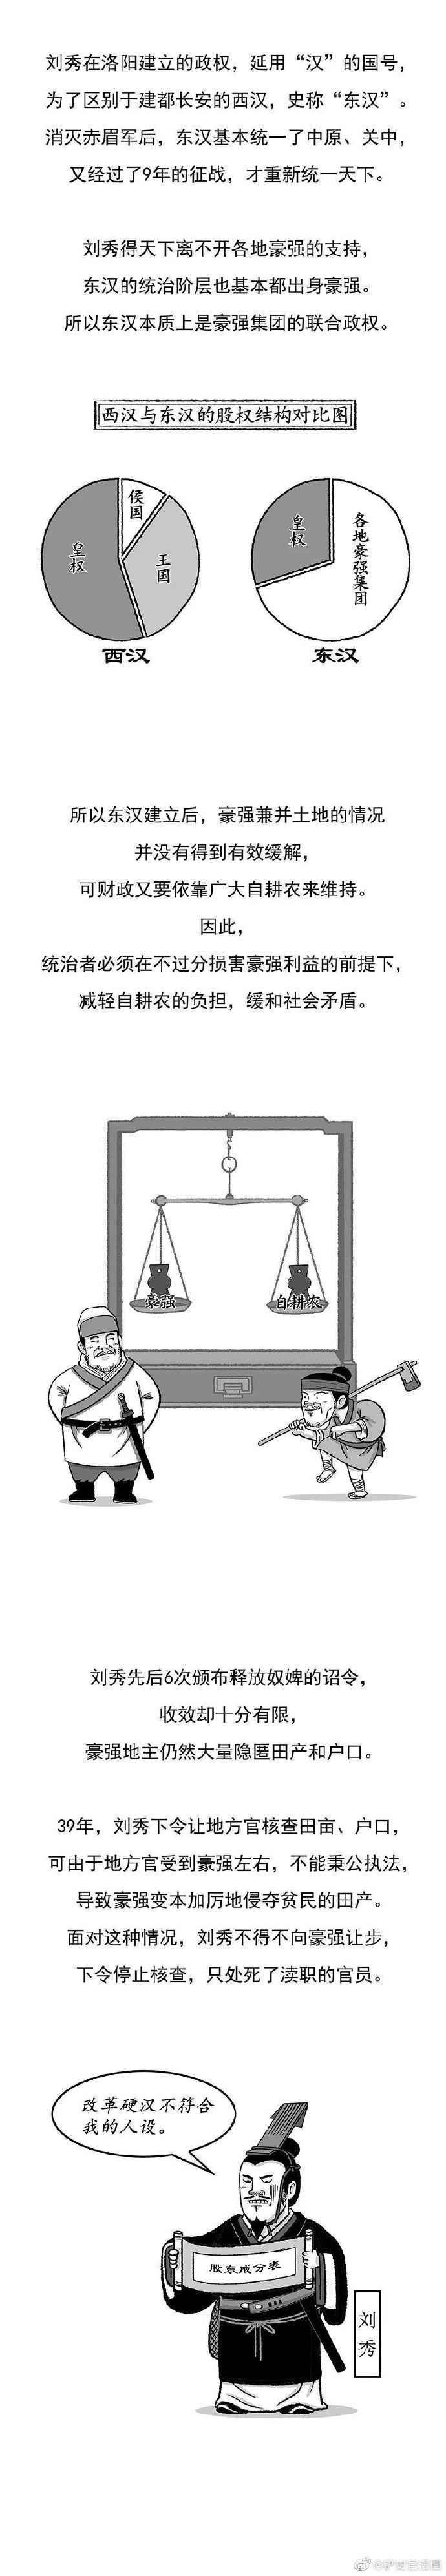 东汉(上)|为何陷入外戚、宦官交替专权的怪圈?